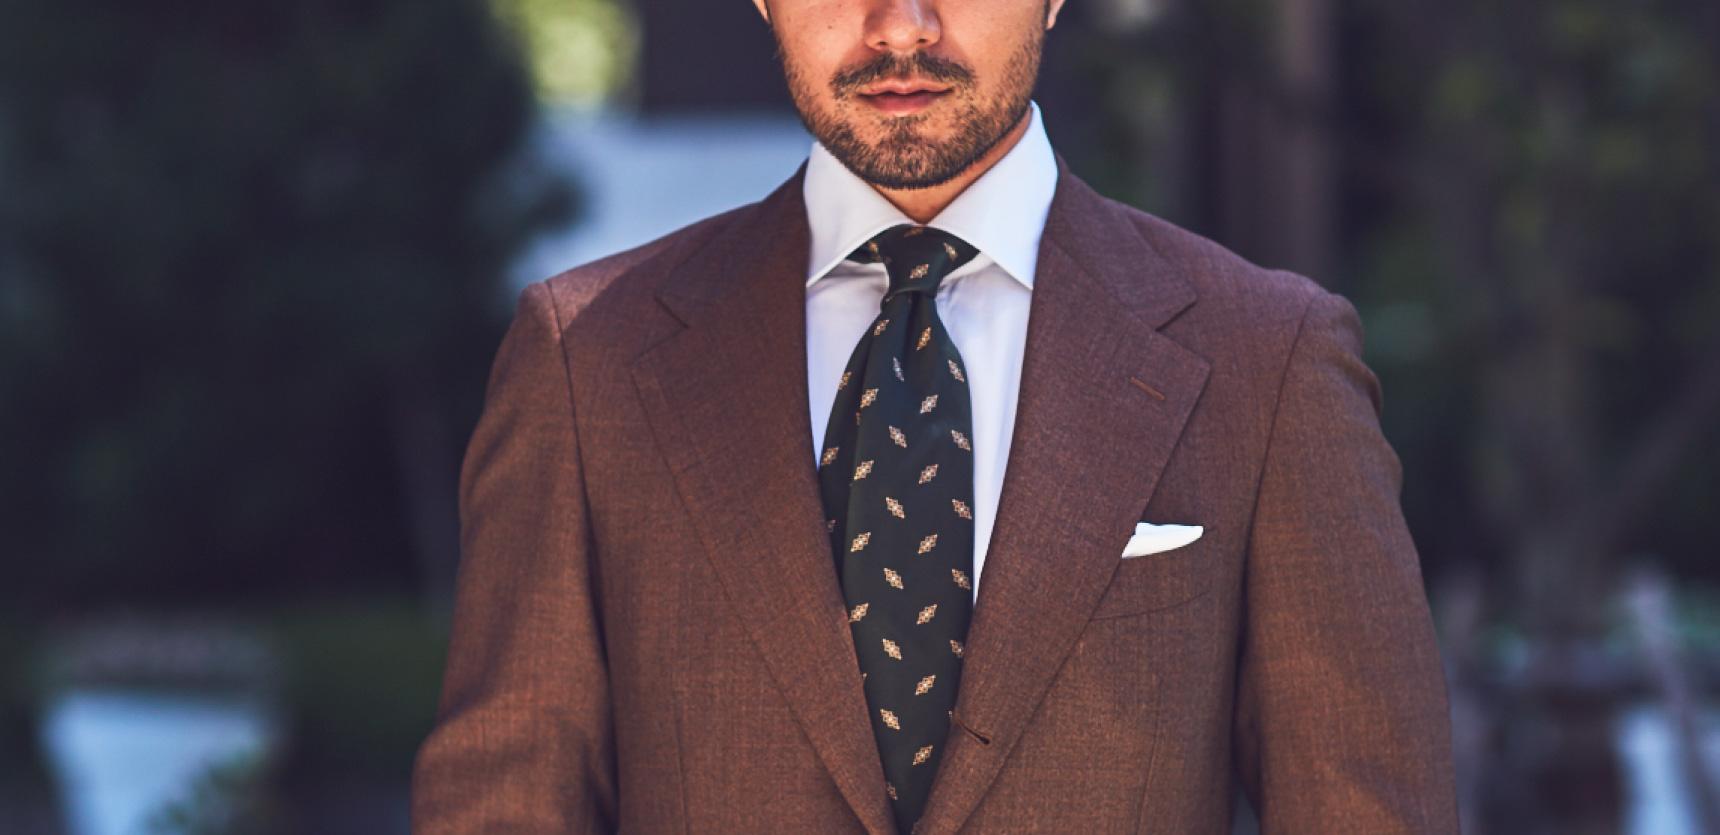 クラシックなスーツに合う、イタリアブランドBORRIELLO(ボリエッロ)のシャツをTHE G'S HIDEOUT.(ザ・ジーズ・ハイドアウト)でお取り扱いしております。